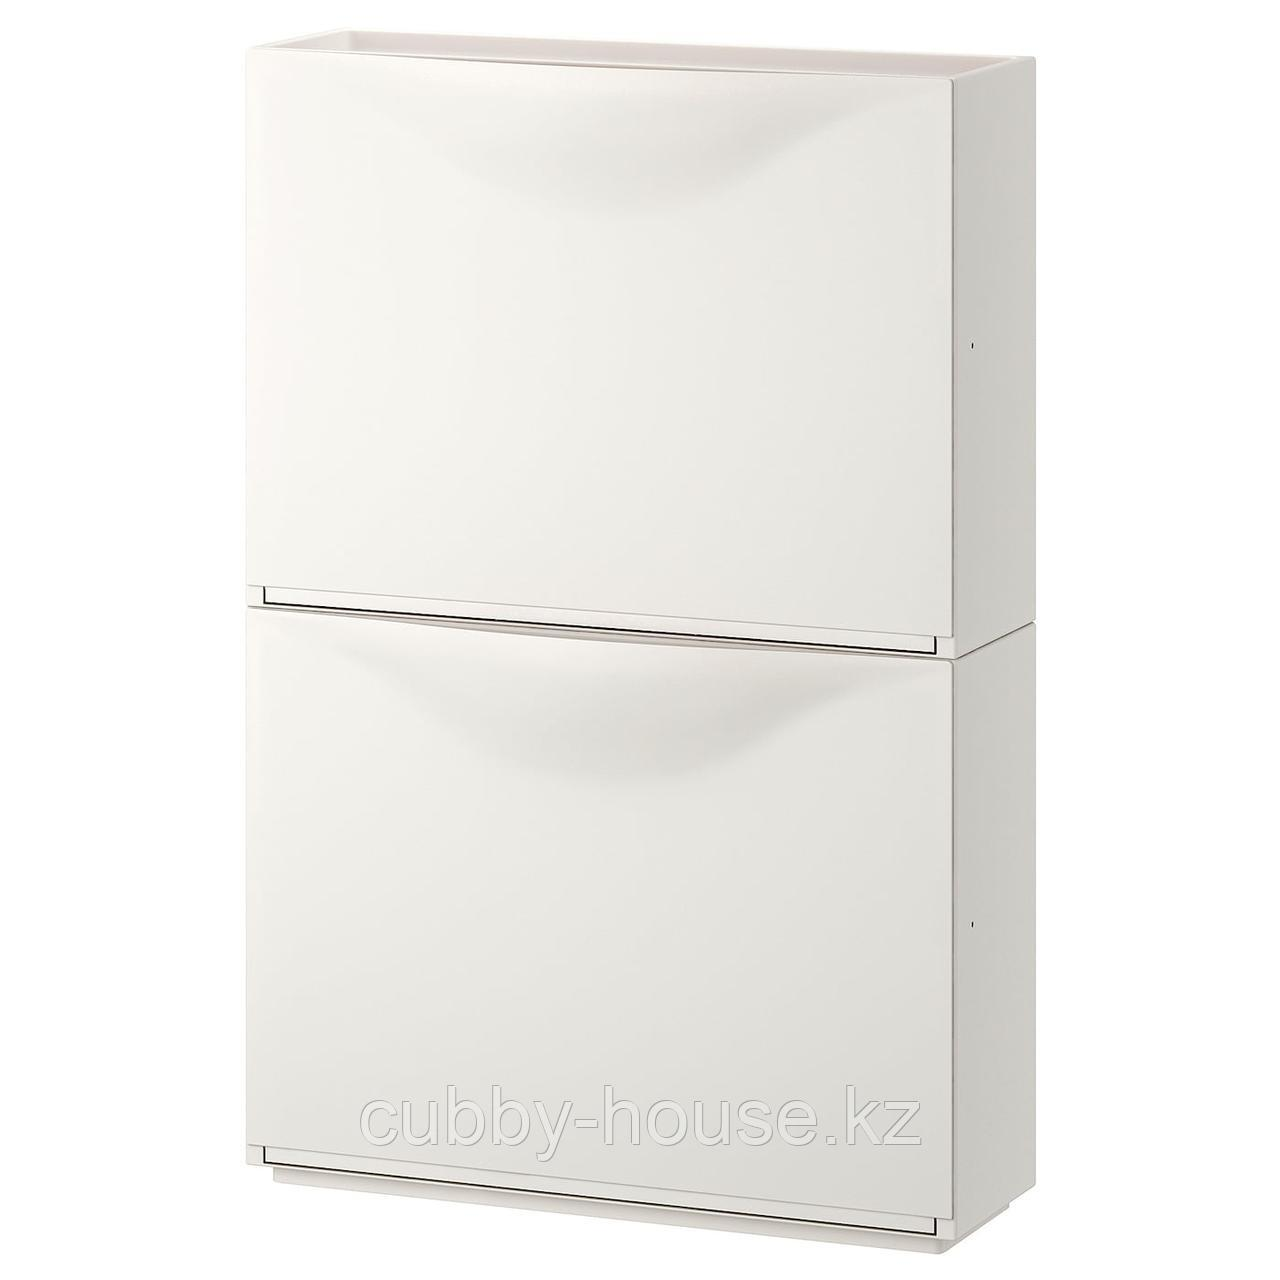 ТРОНЭС Галошница/шкаф, белый, 52x39 см